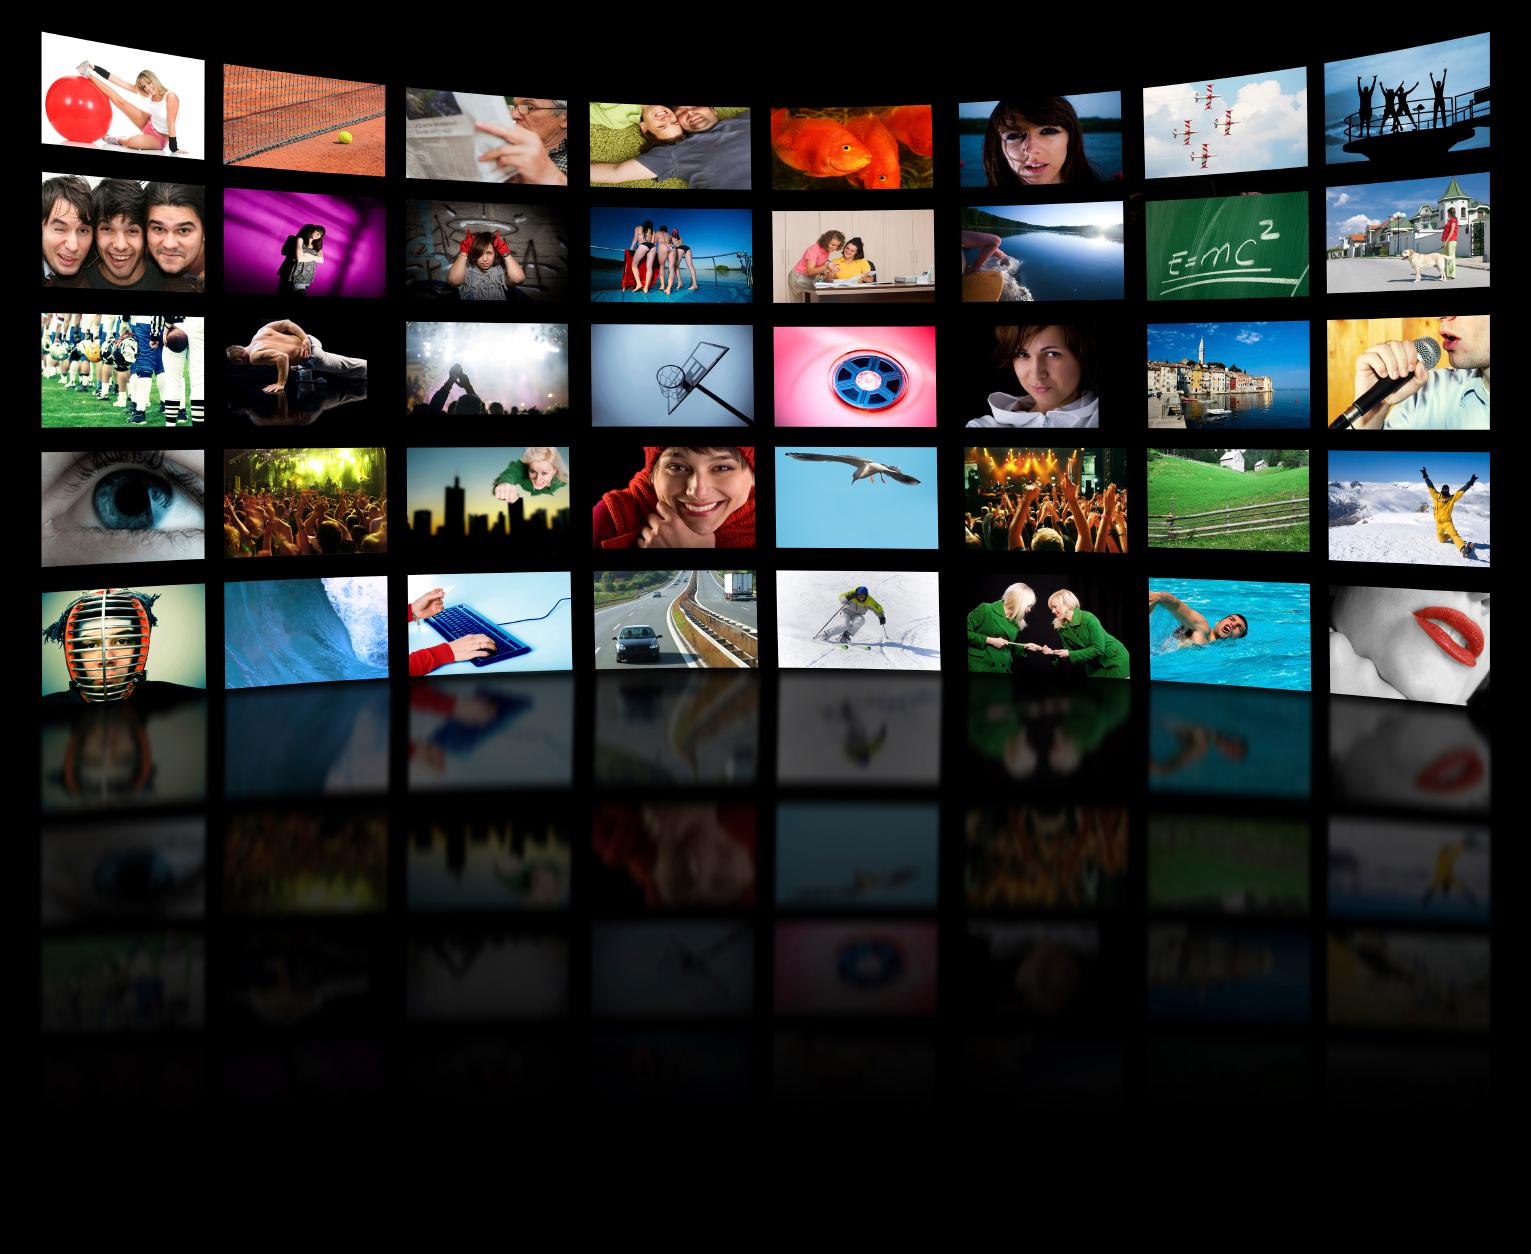 Попки смотреть порно видео, бесплатные онлайн ролики с